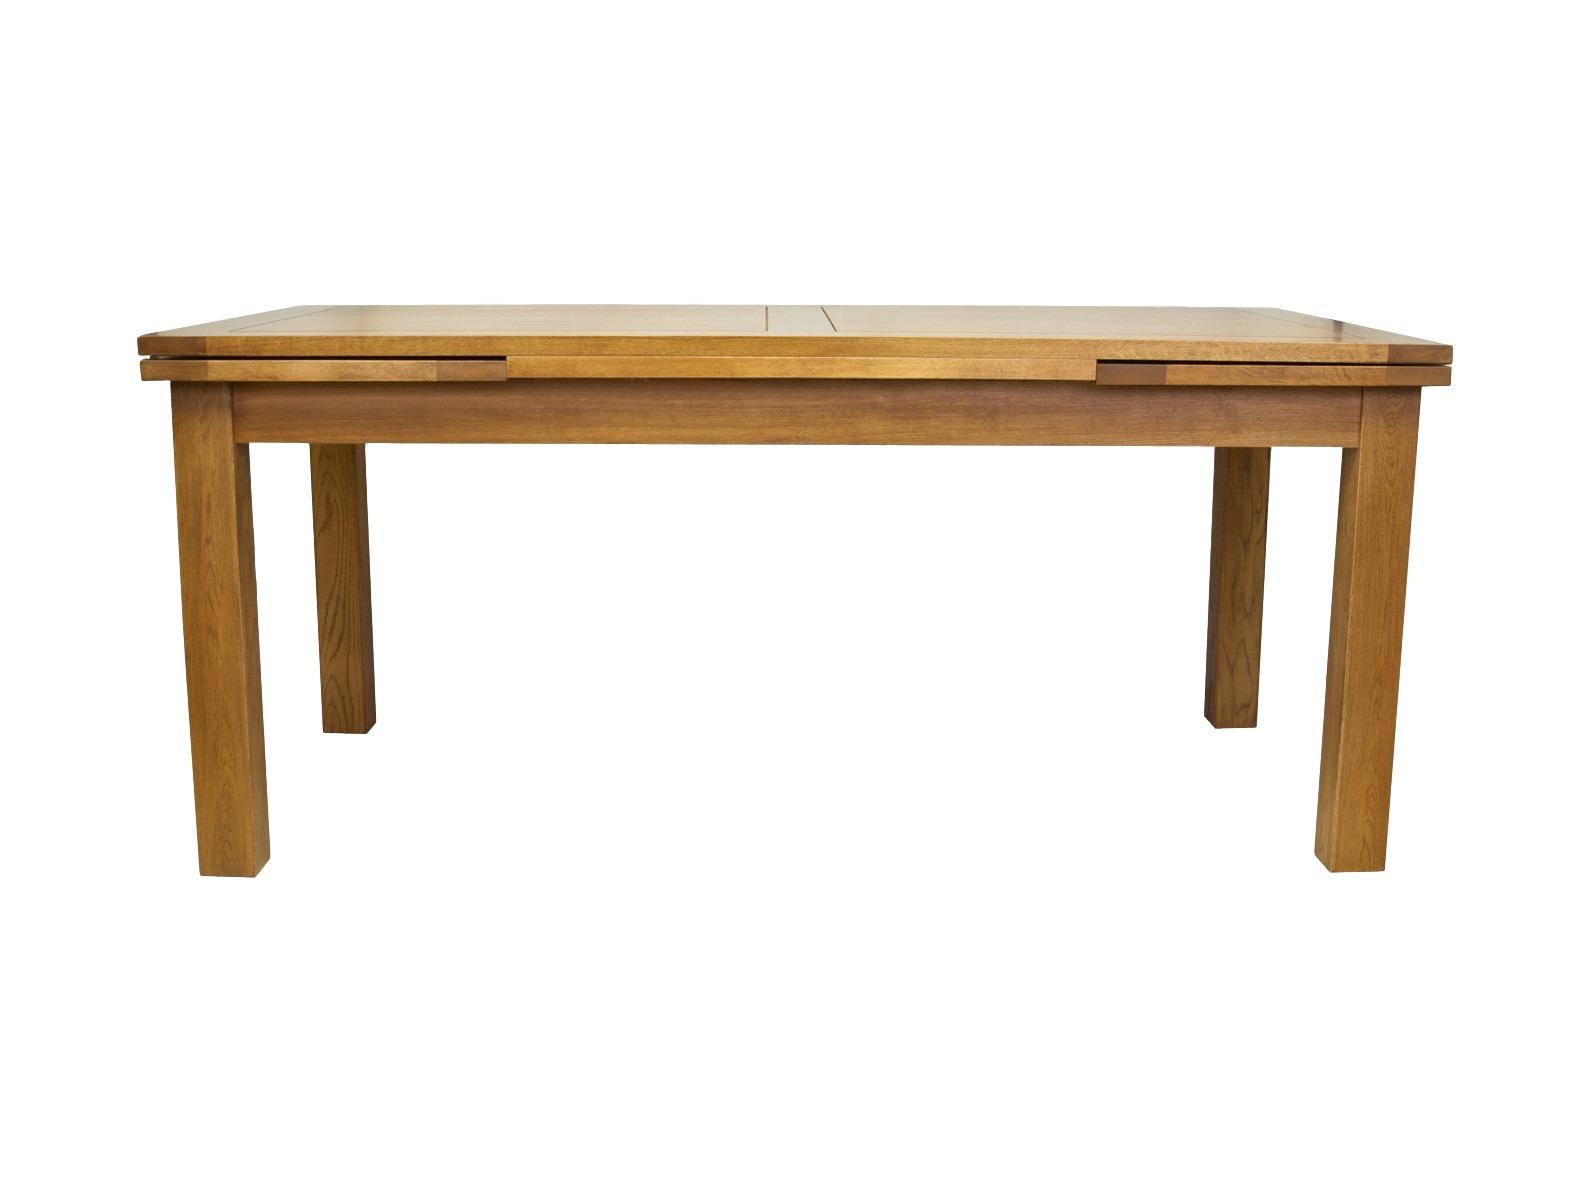 Стол NovakОбеденные столы<br>Деревянный раздвижной стол, выполненный вручную сможет вписаться в любой интерьер обеденной зоны гостиной или столовой. В основе изделия - массив дуба. Стол Novak замечателен своими классическими очертаниями, его массивные резные детали только подчеркивают изящество и соразмерность форм.&amp;lt;div&amp;gt;&amp;lt;br&amp;gt;&amp;lt;/div&amp;gt;&amp;lt;div&amp;gt;Размеры в раздвинутом состоянии: 180(50+50)х78х90&amp;lt;/div&amp;gt;<br><br>Material: Дуб<br>Ширина см: 180<br>Высота см: 78<br>Глубина см: 90